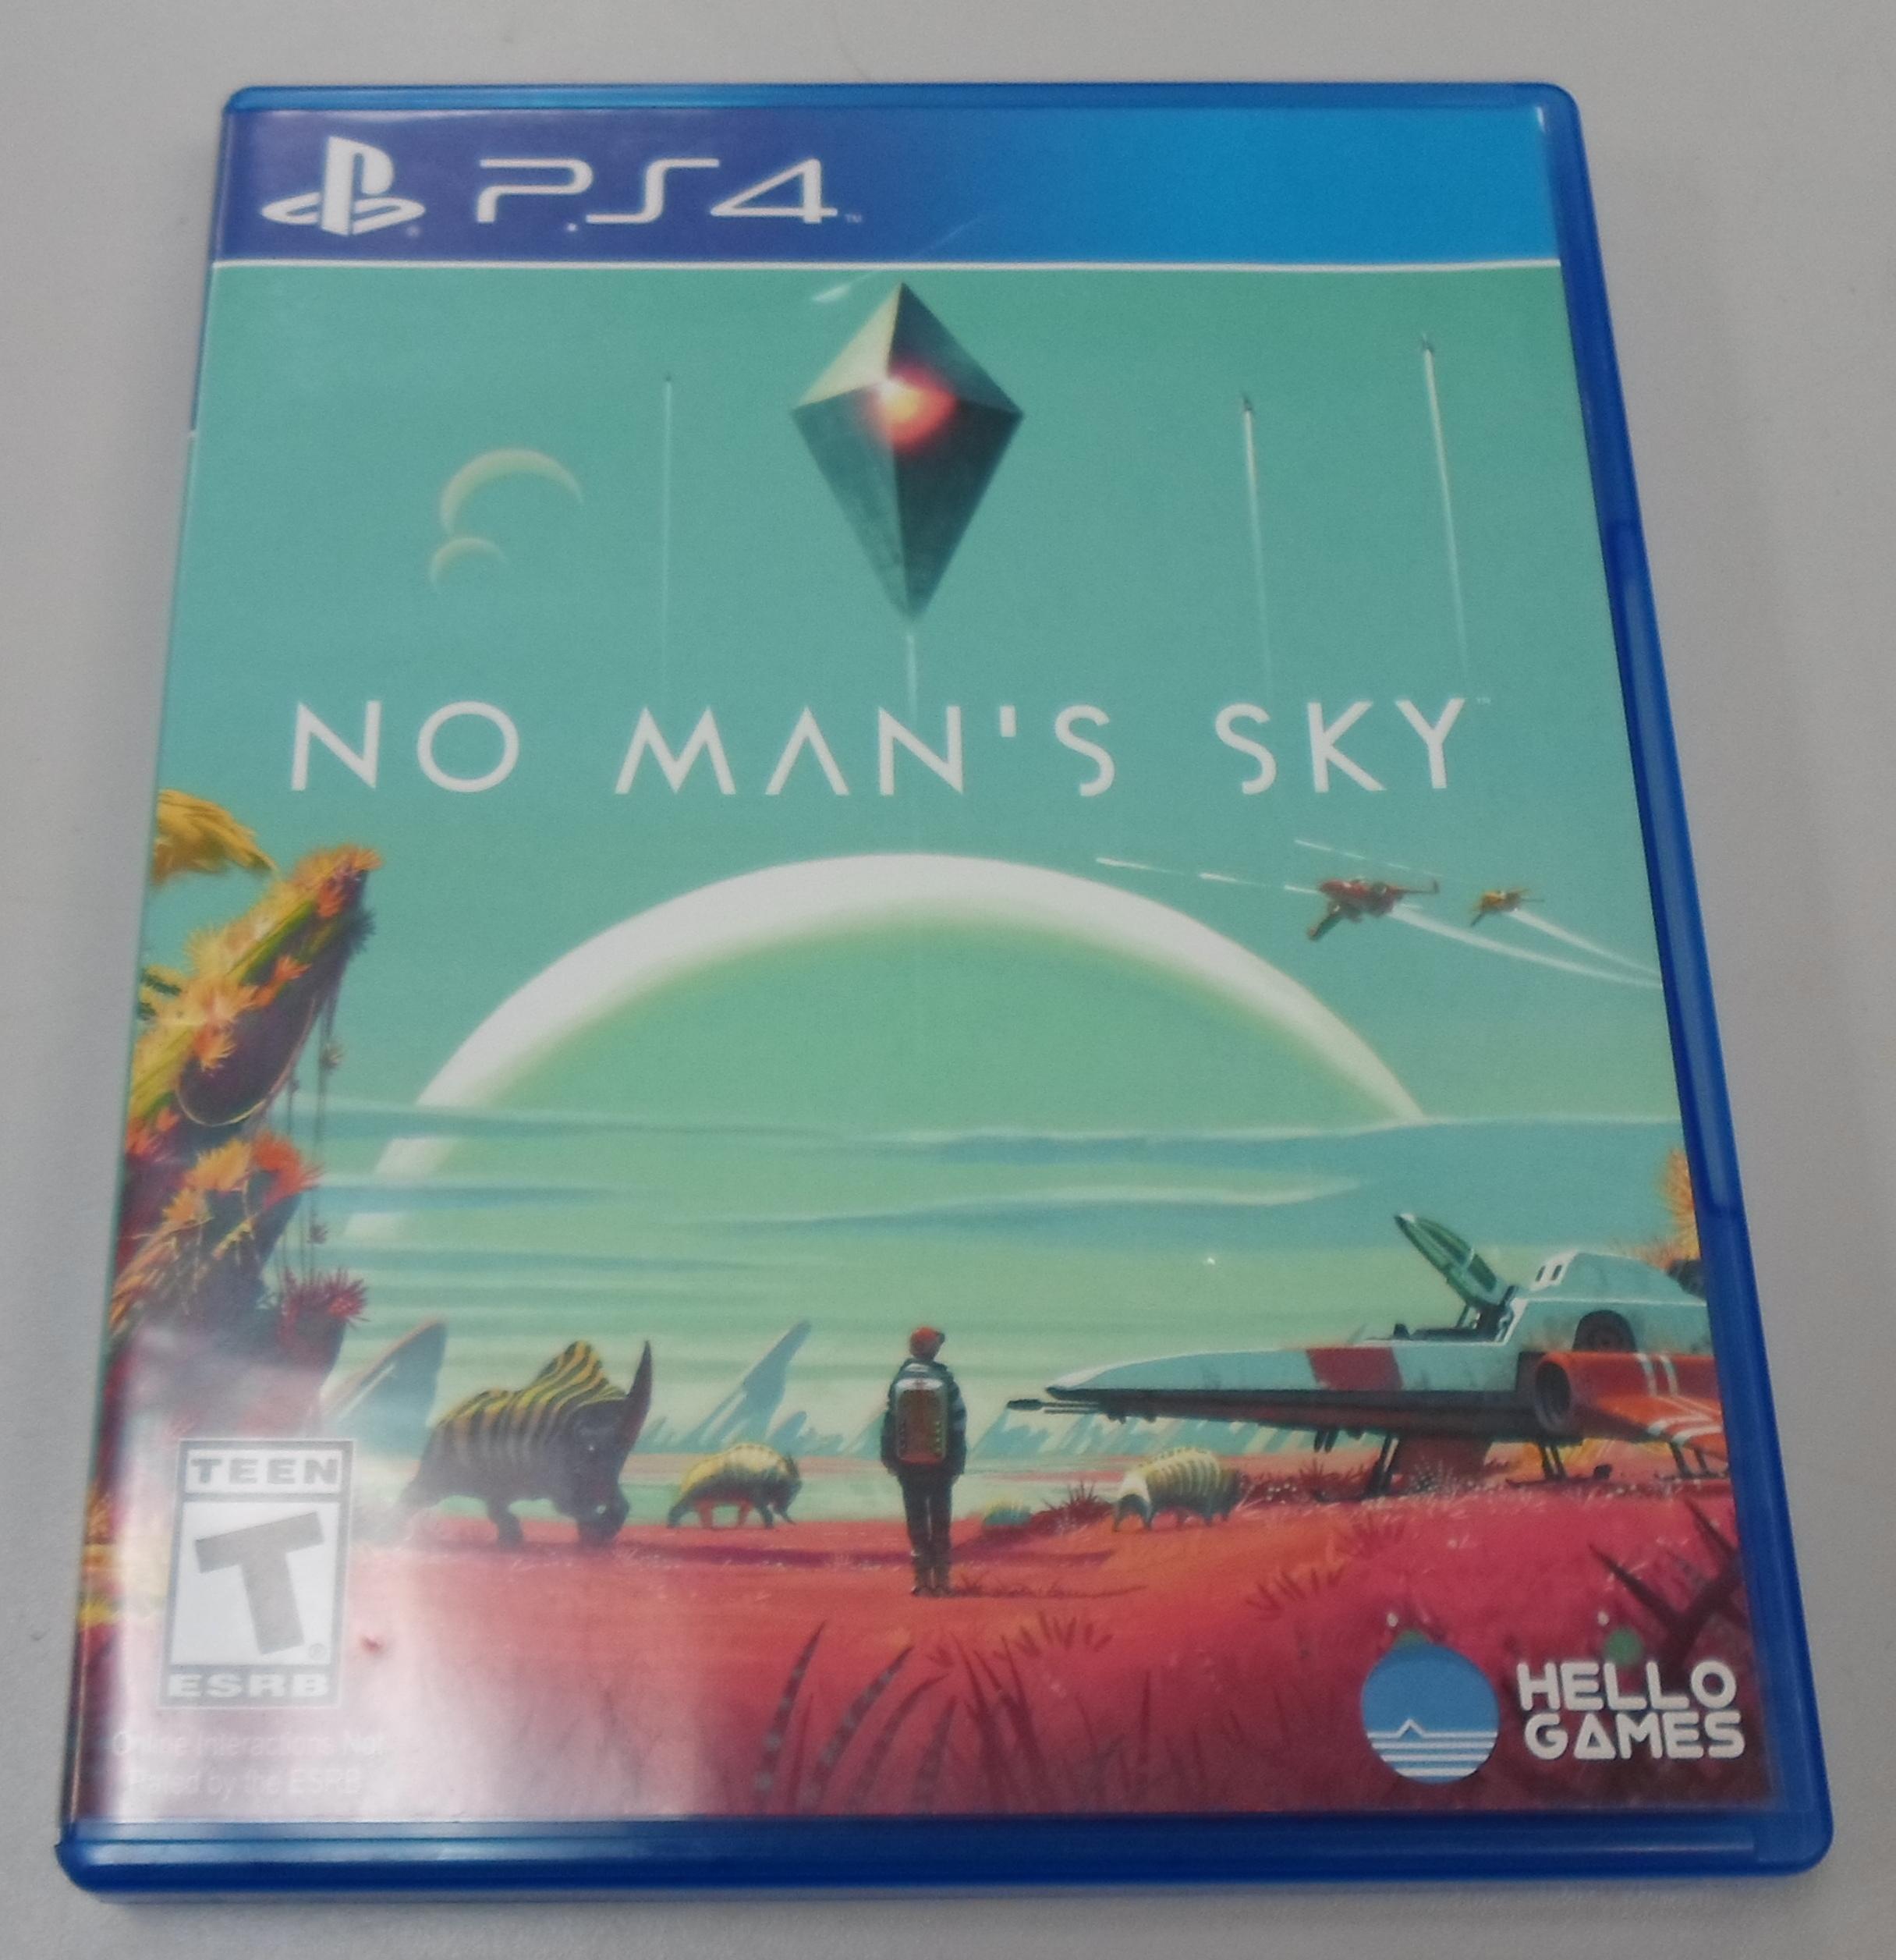 NO MAN'S SKY - PS 4 GAME